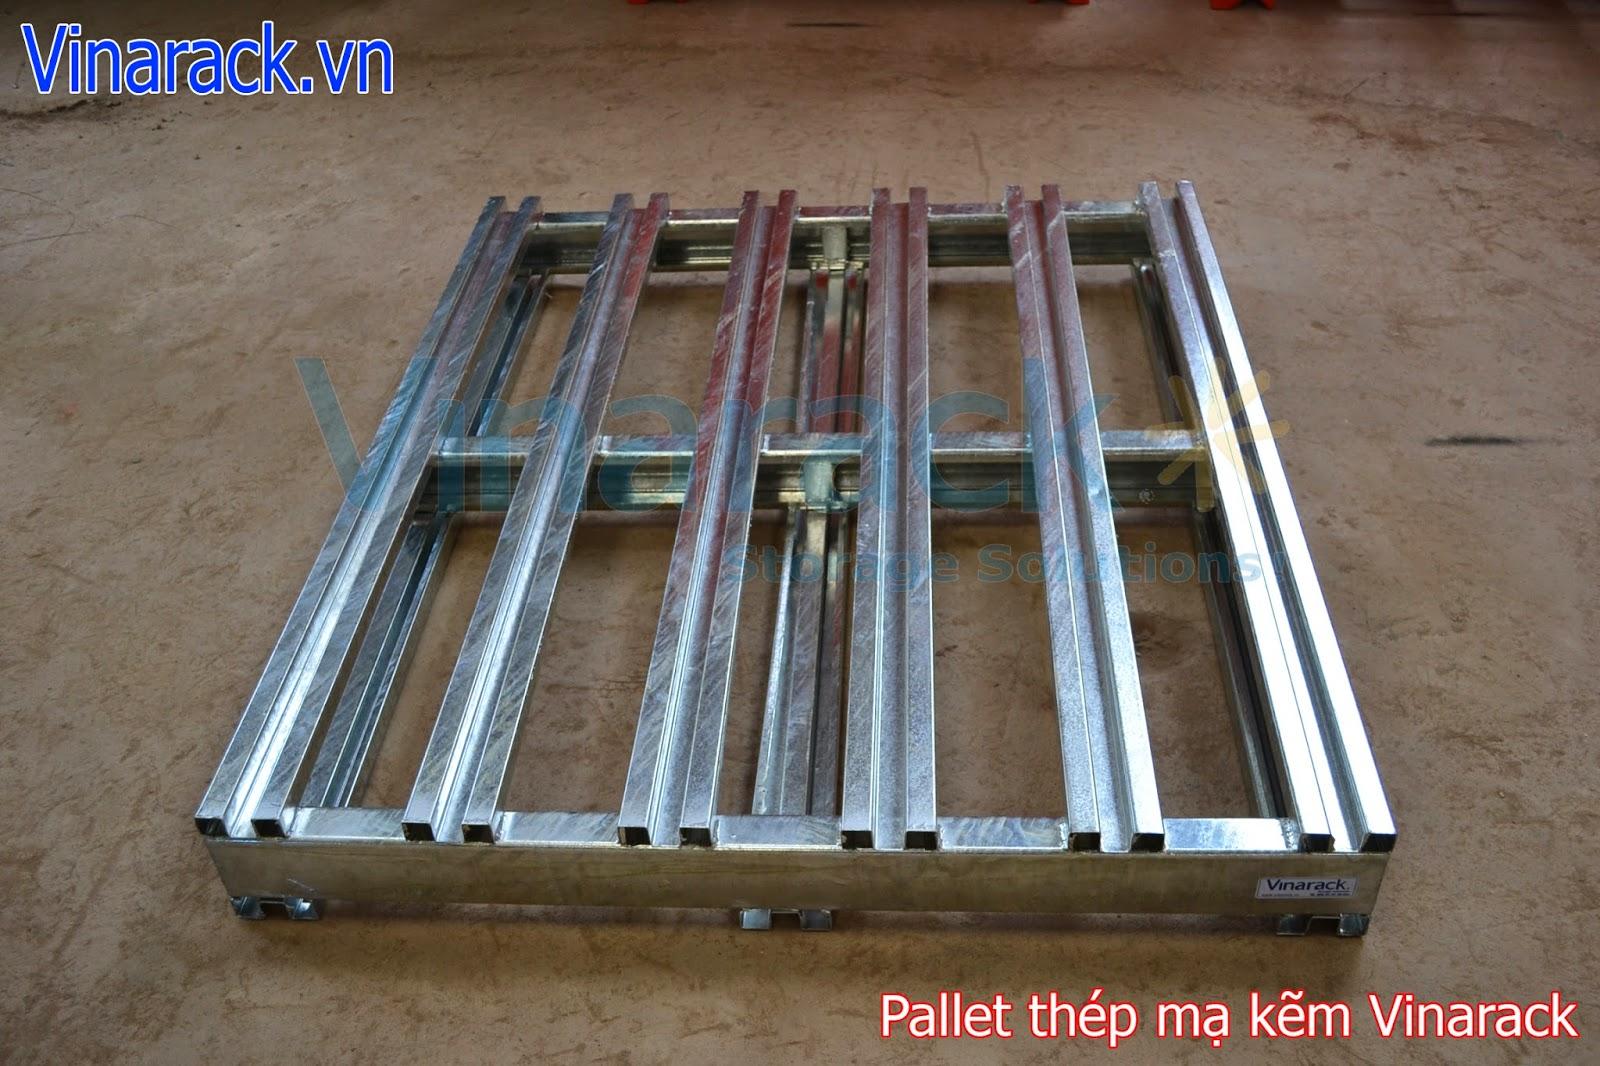 Pallet thông thường mạ kẽm - Pallet Unirack